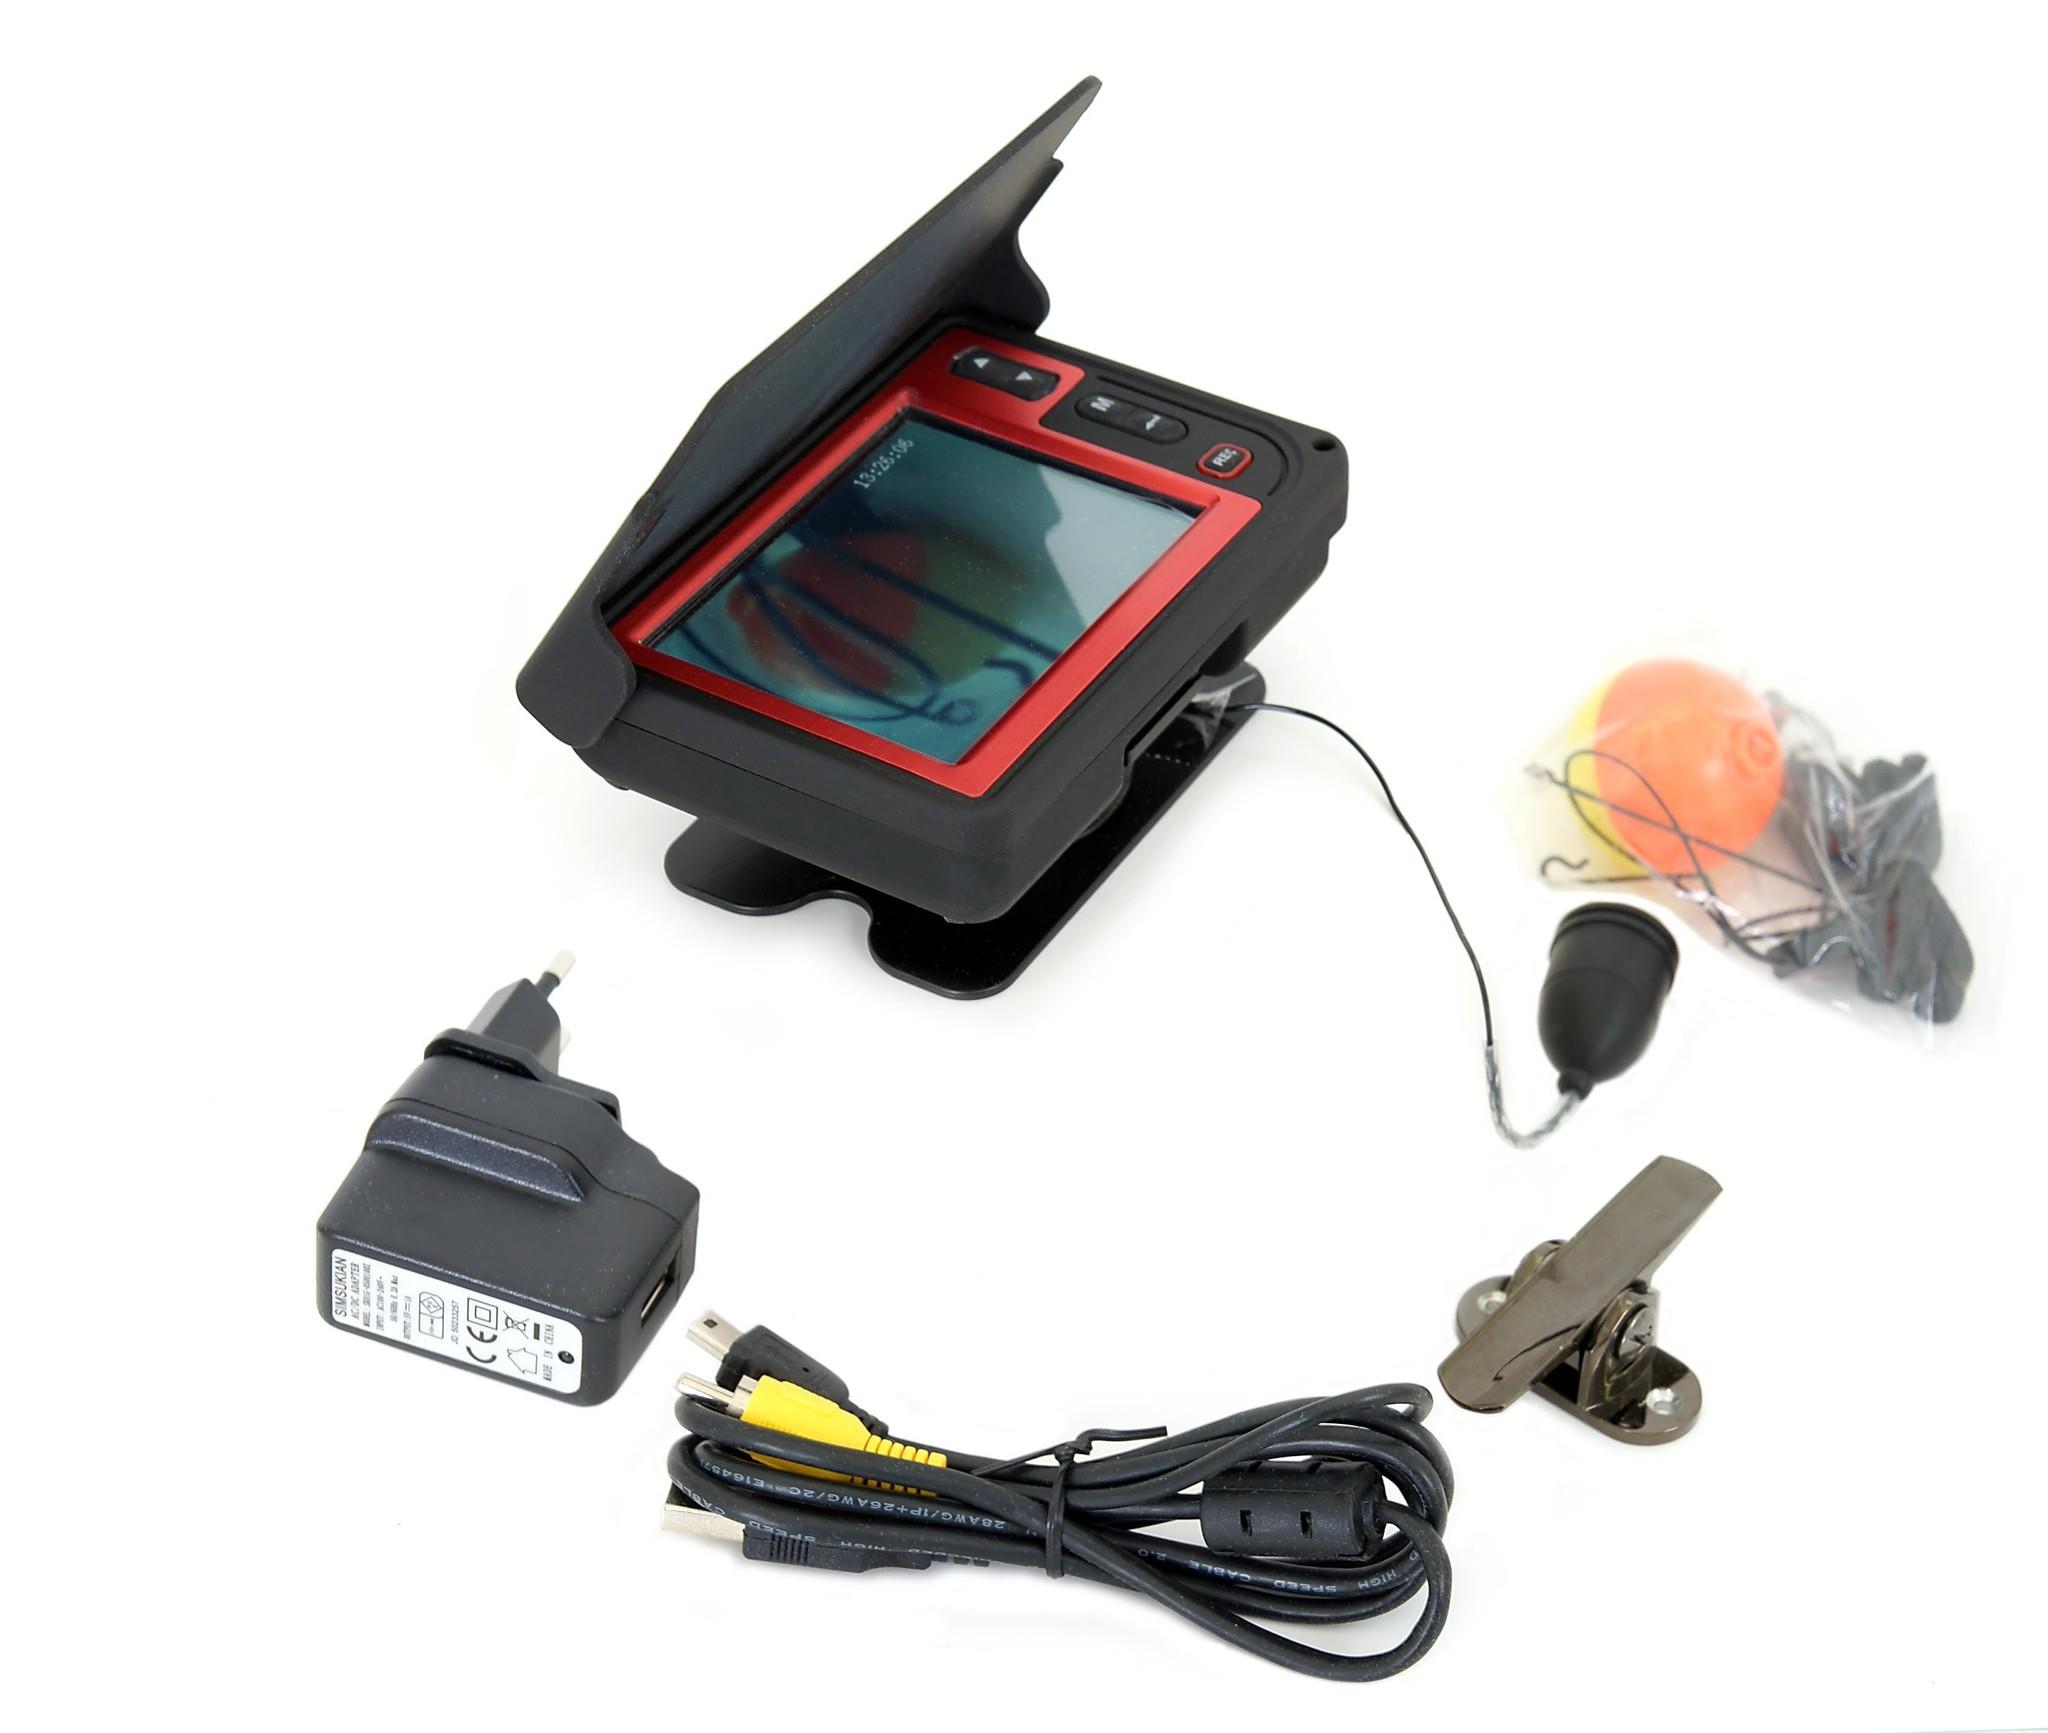 видеокамера для рыбалки rivotek lq-3505t купить